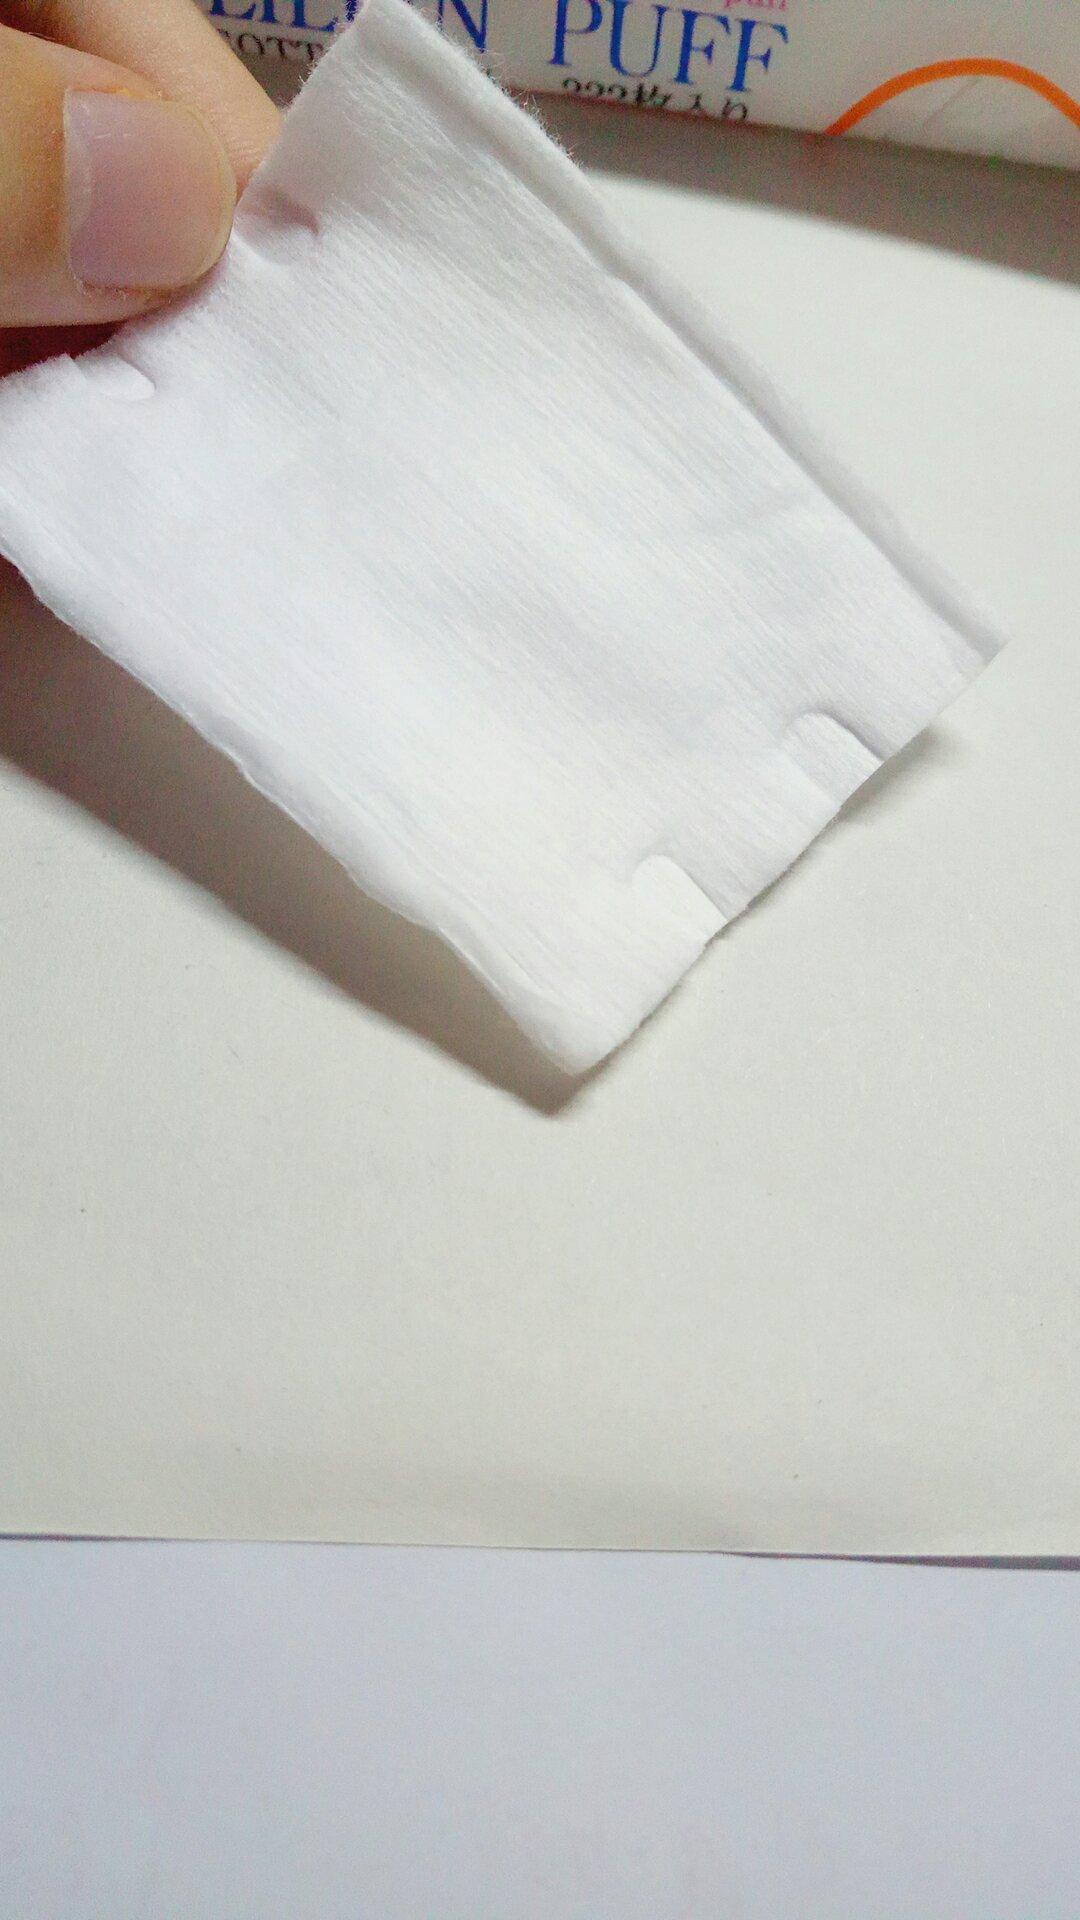 wallet online shop jakarta 00955276 bags